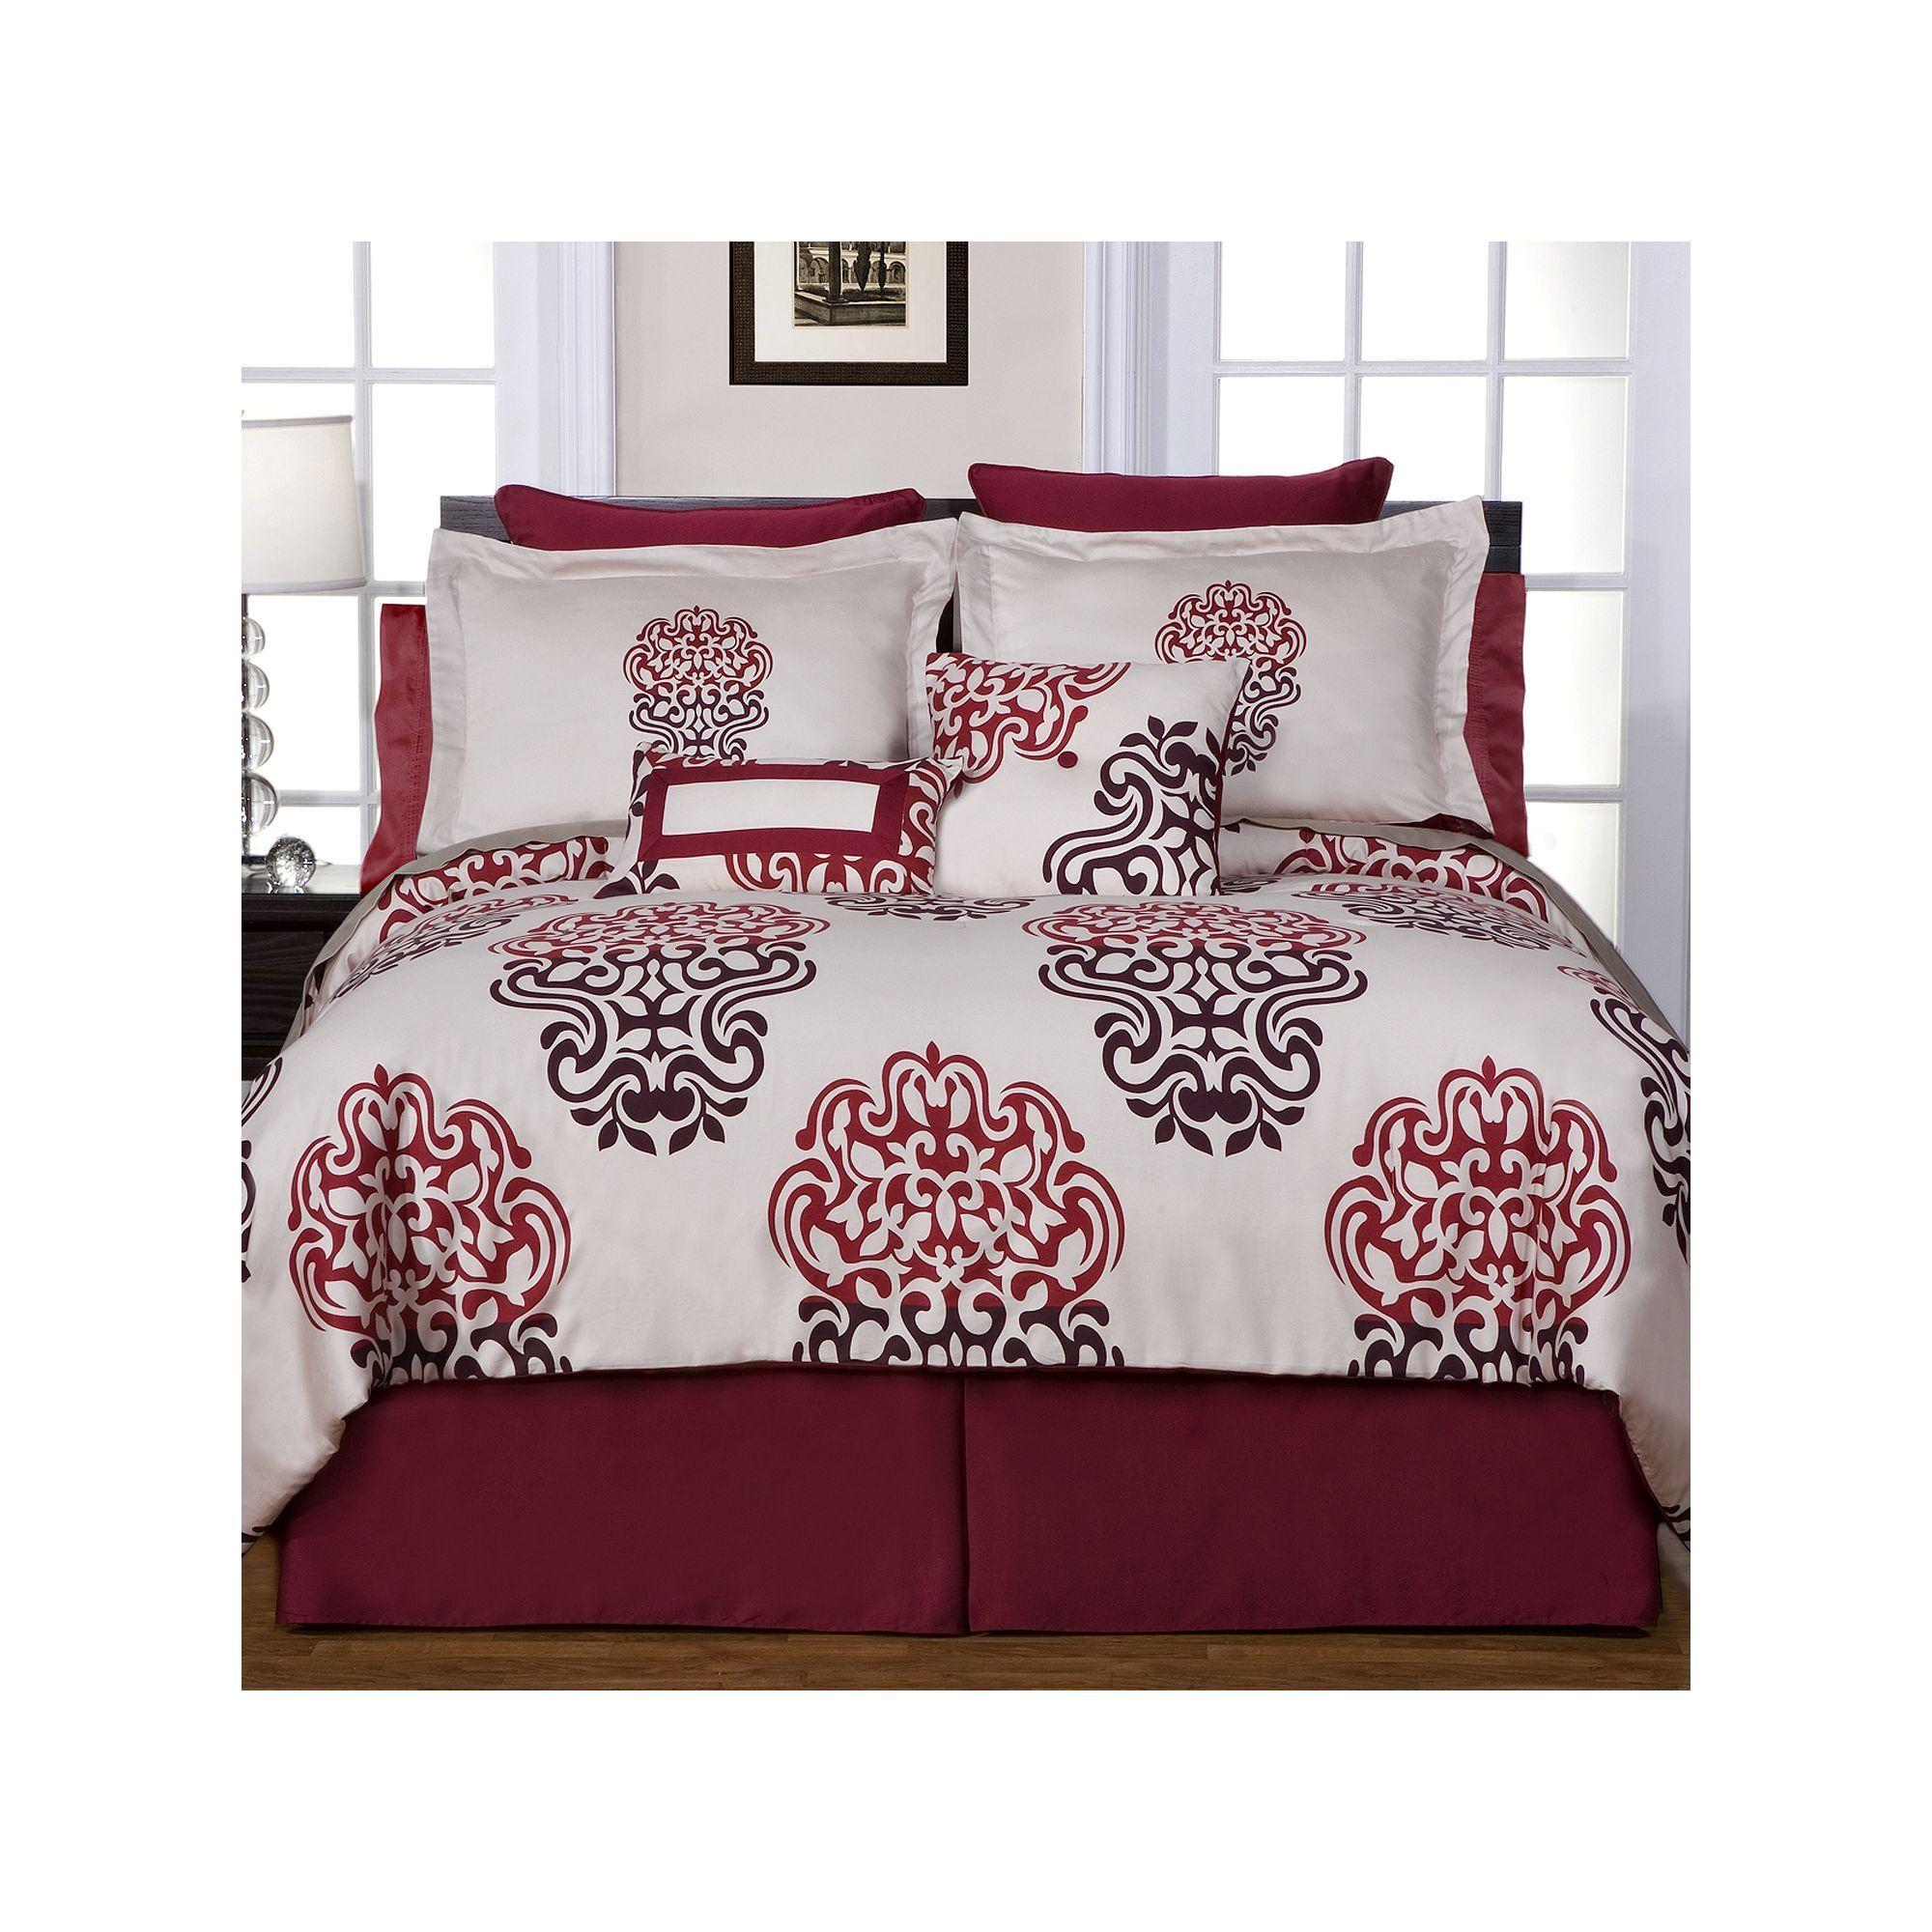 Pointehaven Cherry Blossom Bed Set Comforter sets